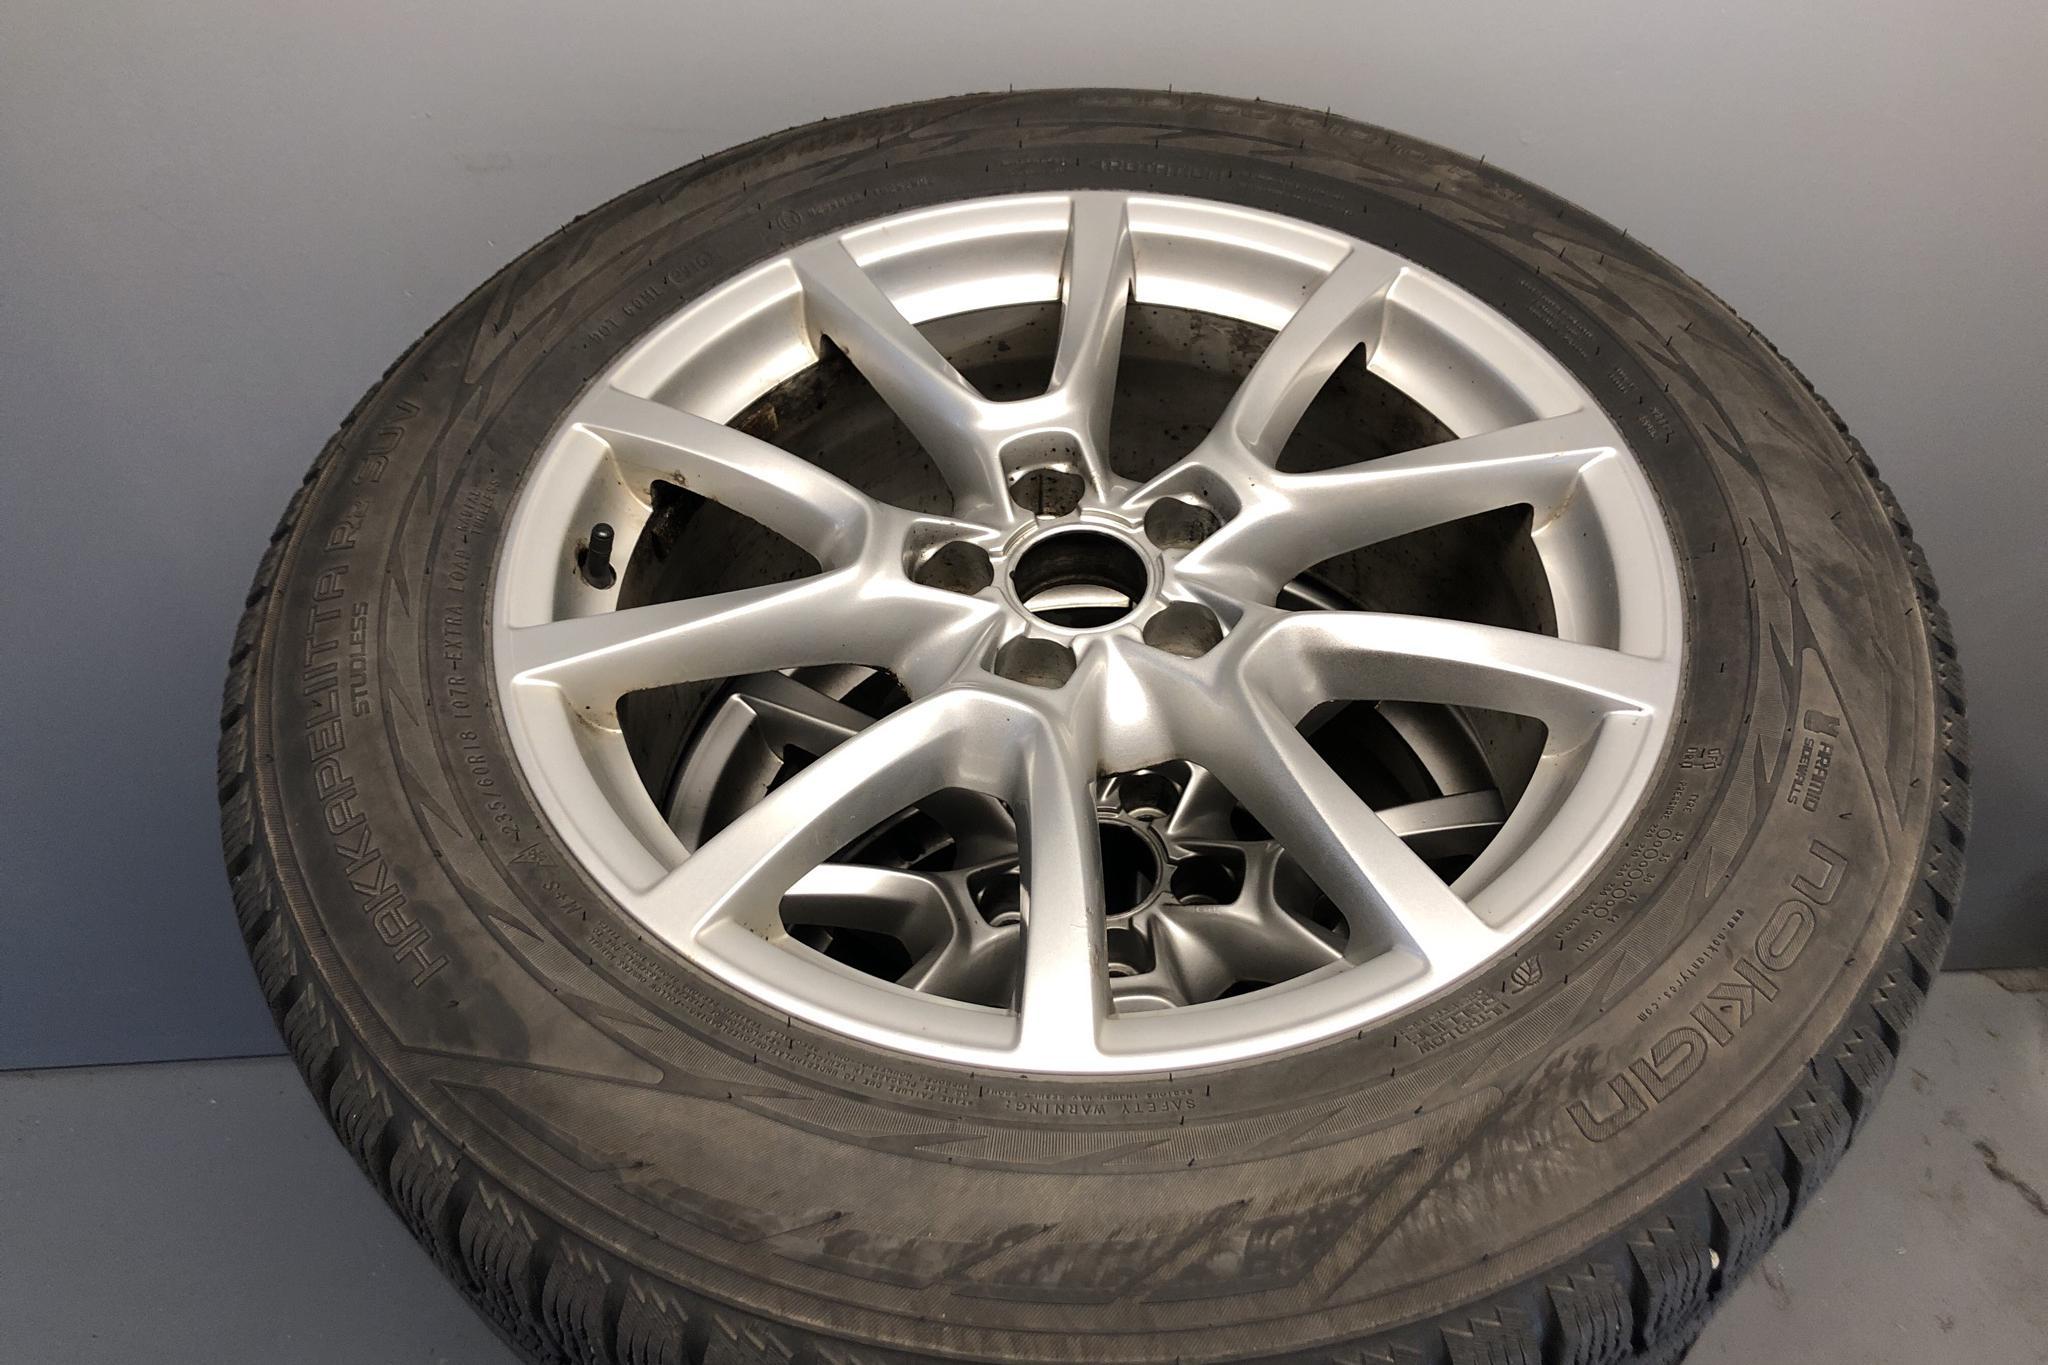 Audi Q5 2.0 TDI quattro (170hk) - 183 460 km - Automatic - black - 2011